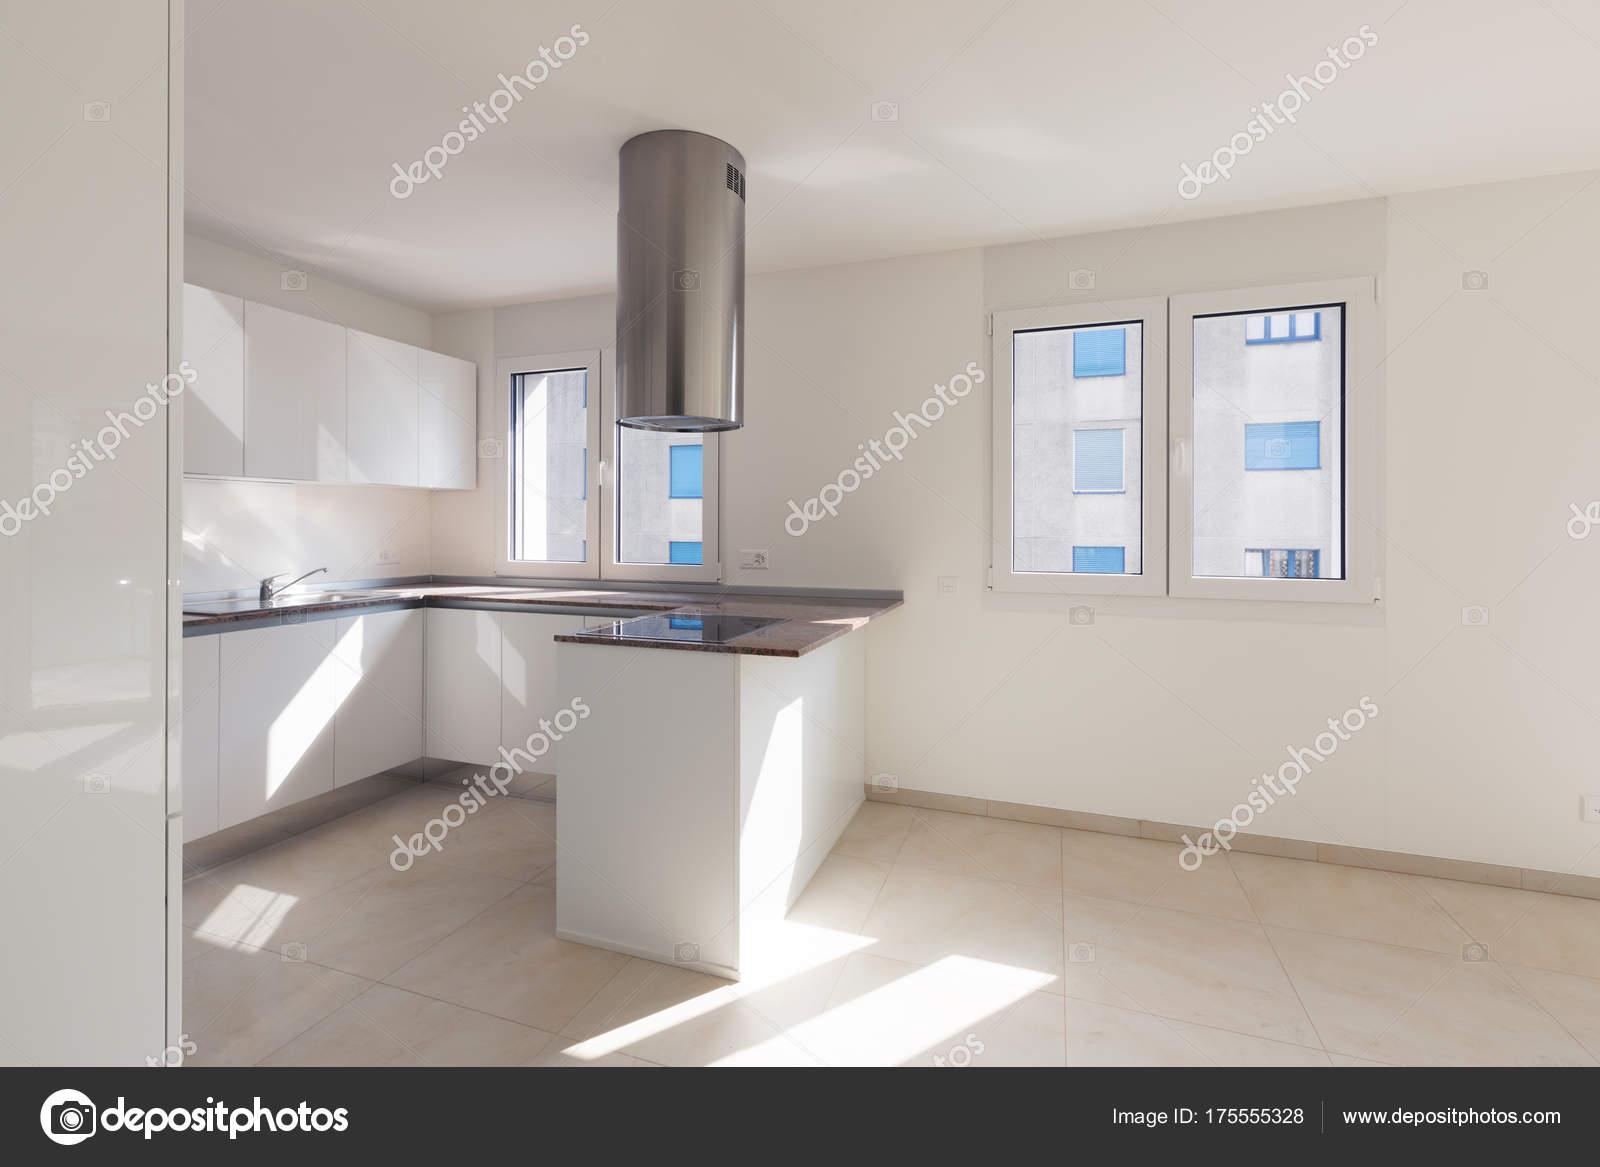 Modernes Apartment, leere Räume, Küche — Stockfoto © Zveiger #175555328